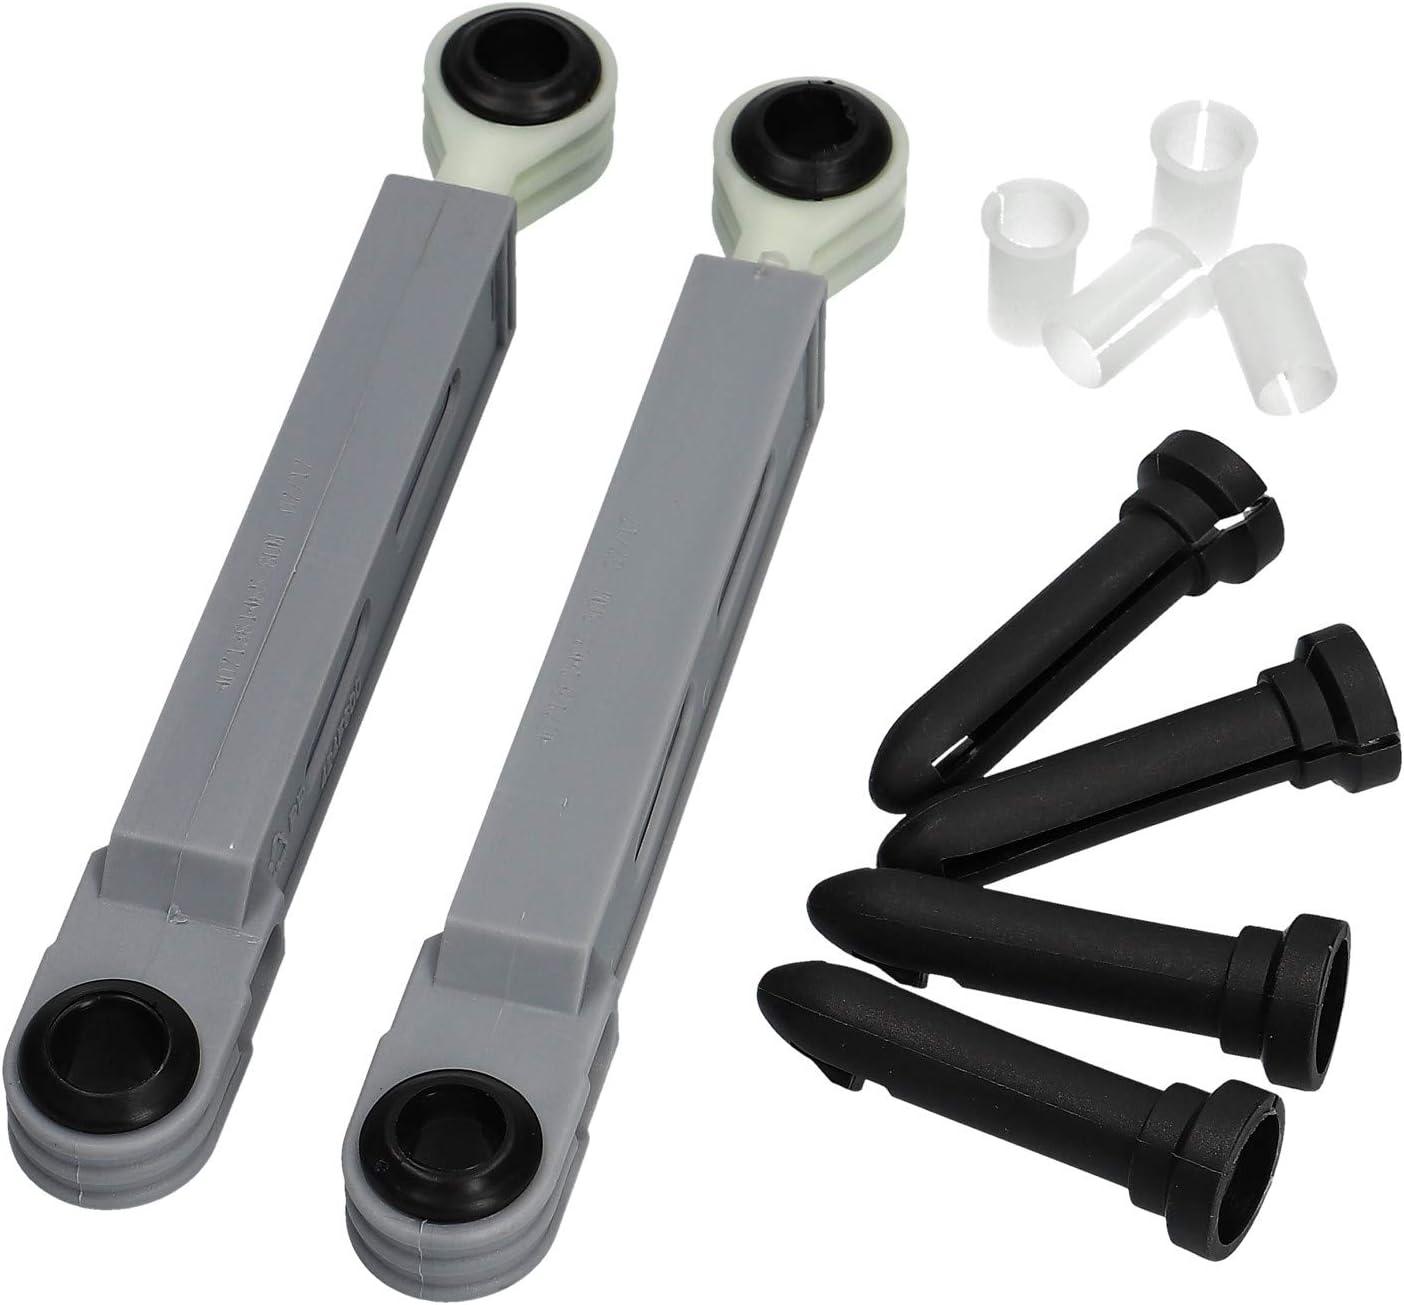 LUTH Premium Profi Parts 2 x amortiguadores con Accesorios para AEG Electrolux 4071361473 407136147 Secadora Lavadora